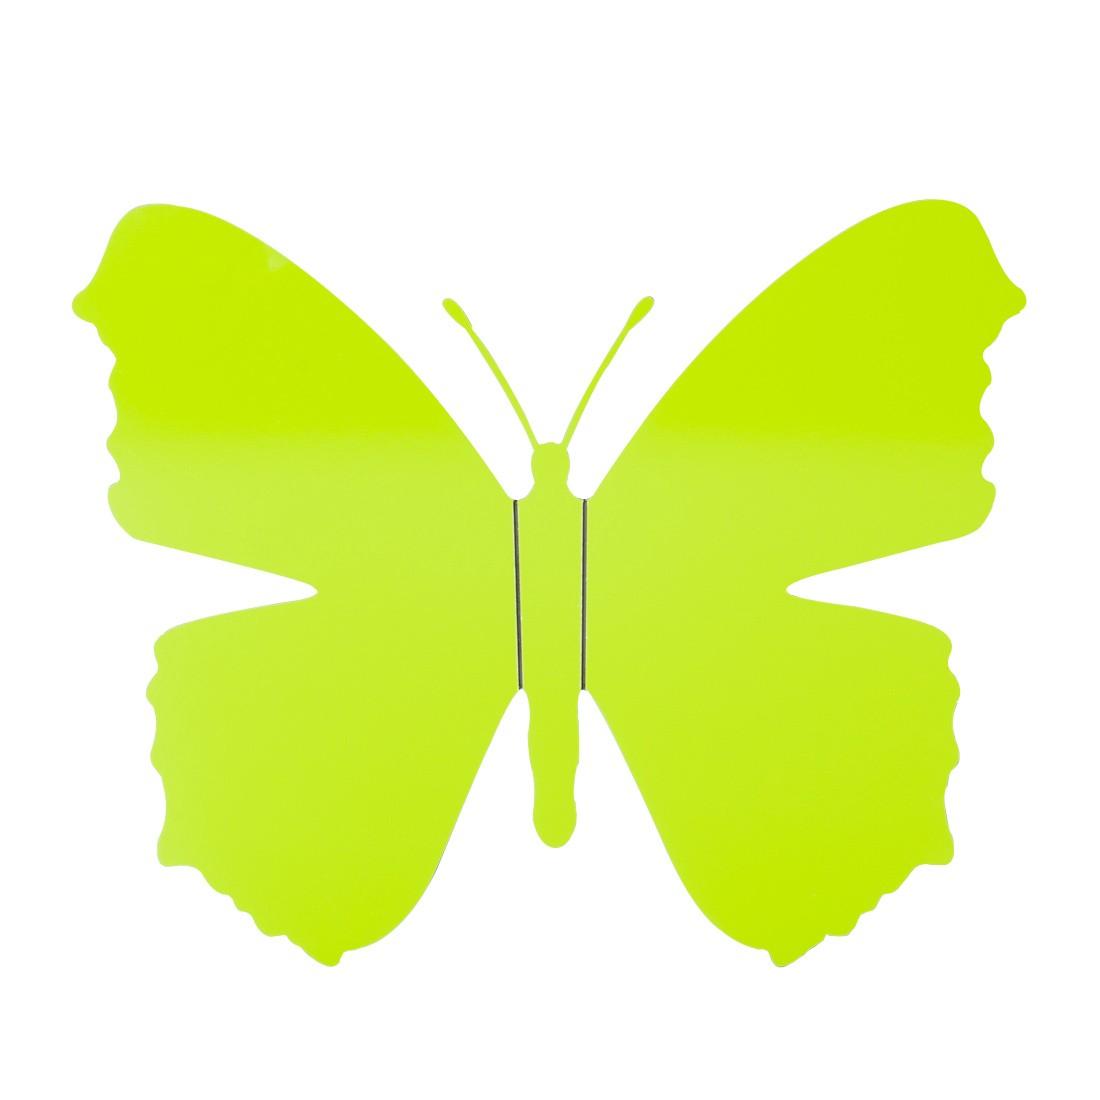 Wanddekoration Schmetterling Sophie – geschlossen – Klein, Home24Deko kaufen